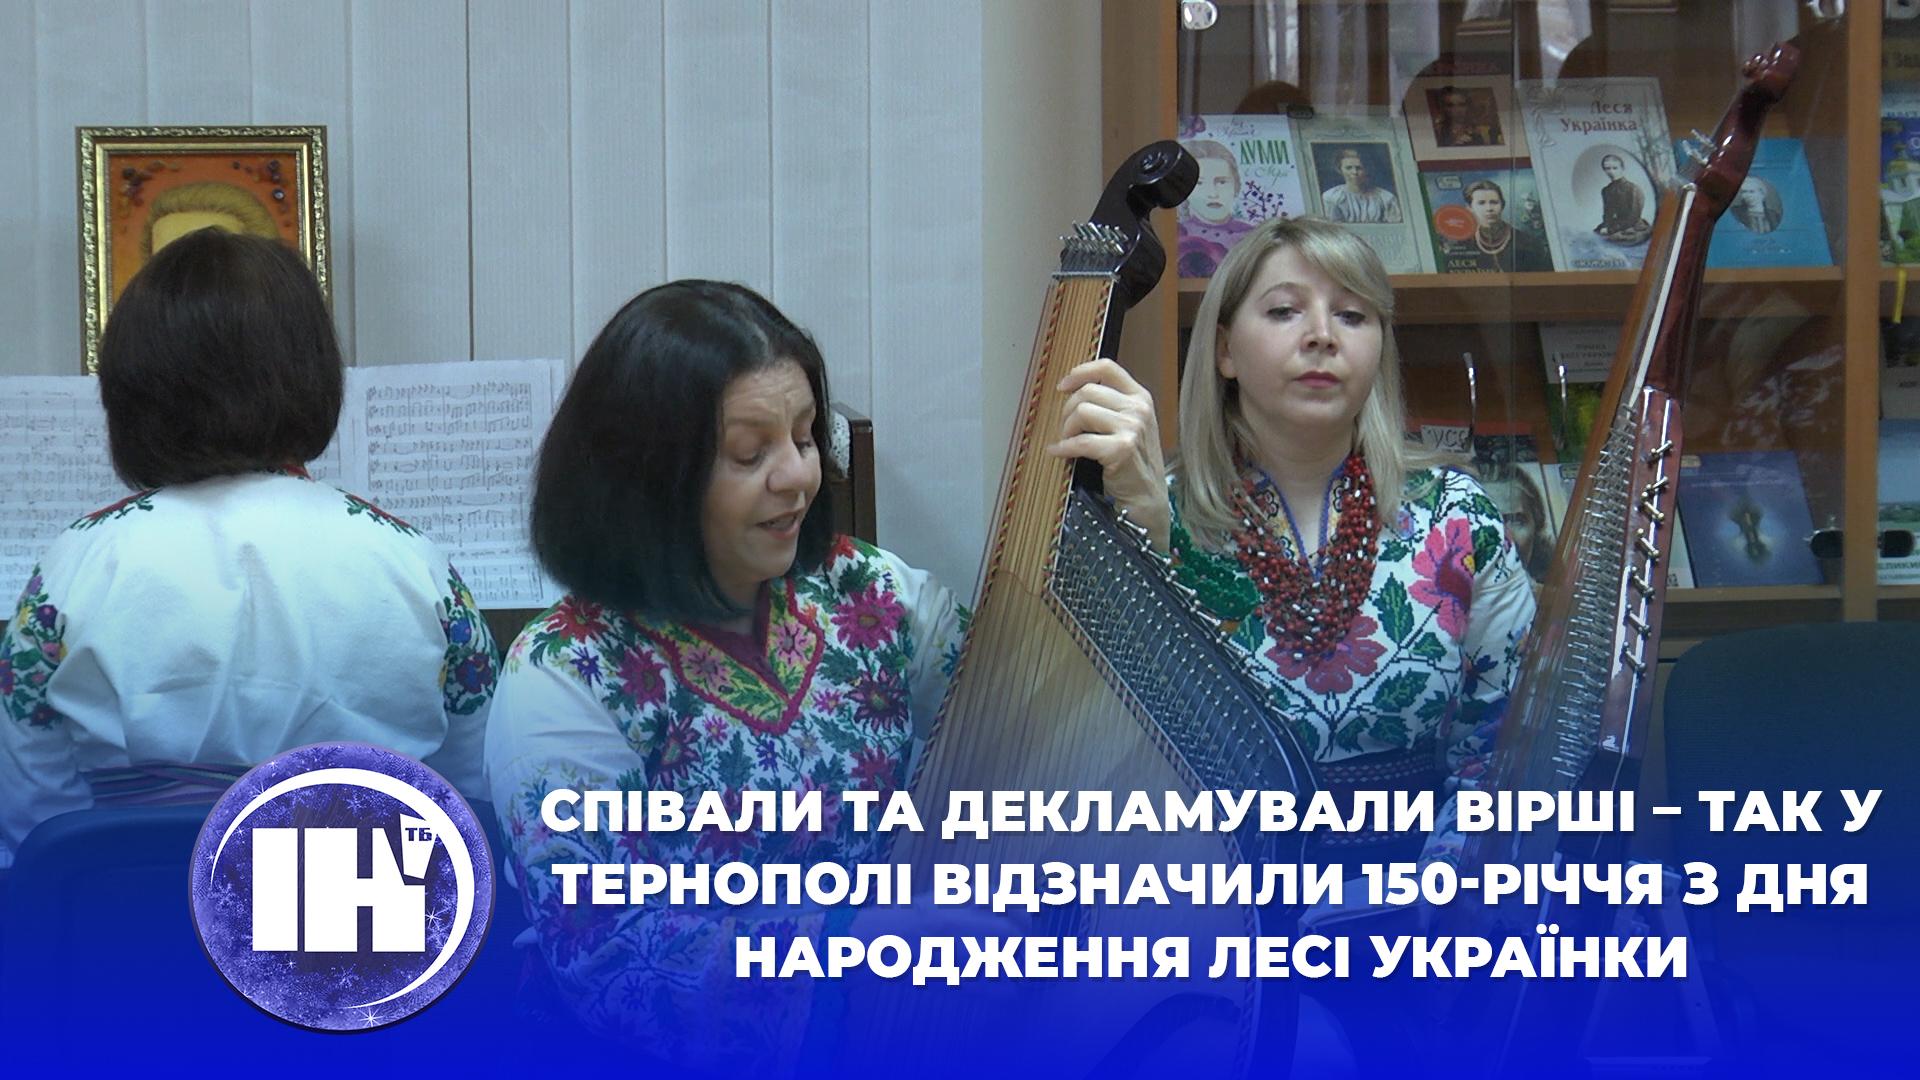 Співали та декламували вірші: у Тернополі відзначили 150-річчя з дня народження Лесі Українки